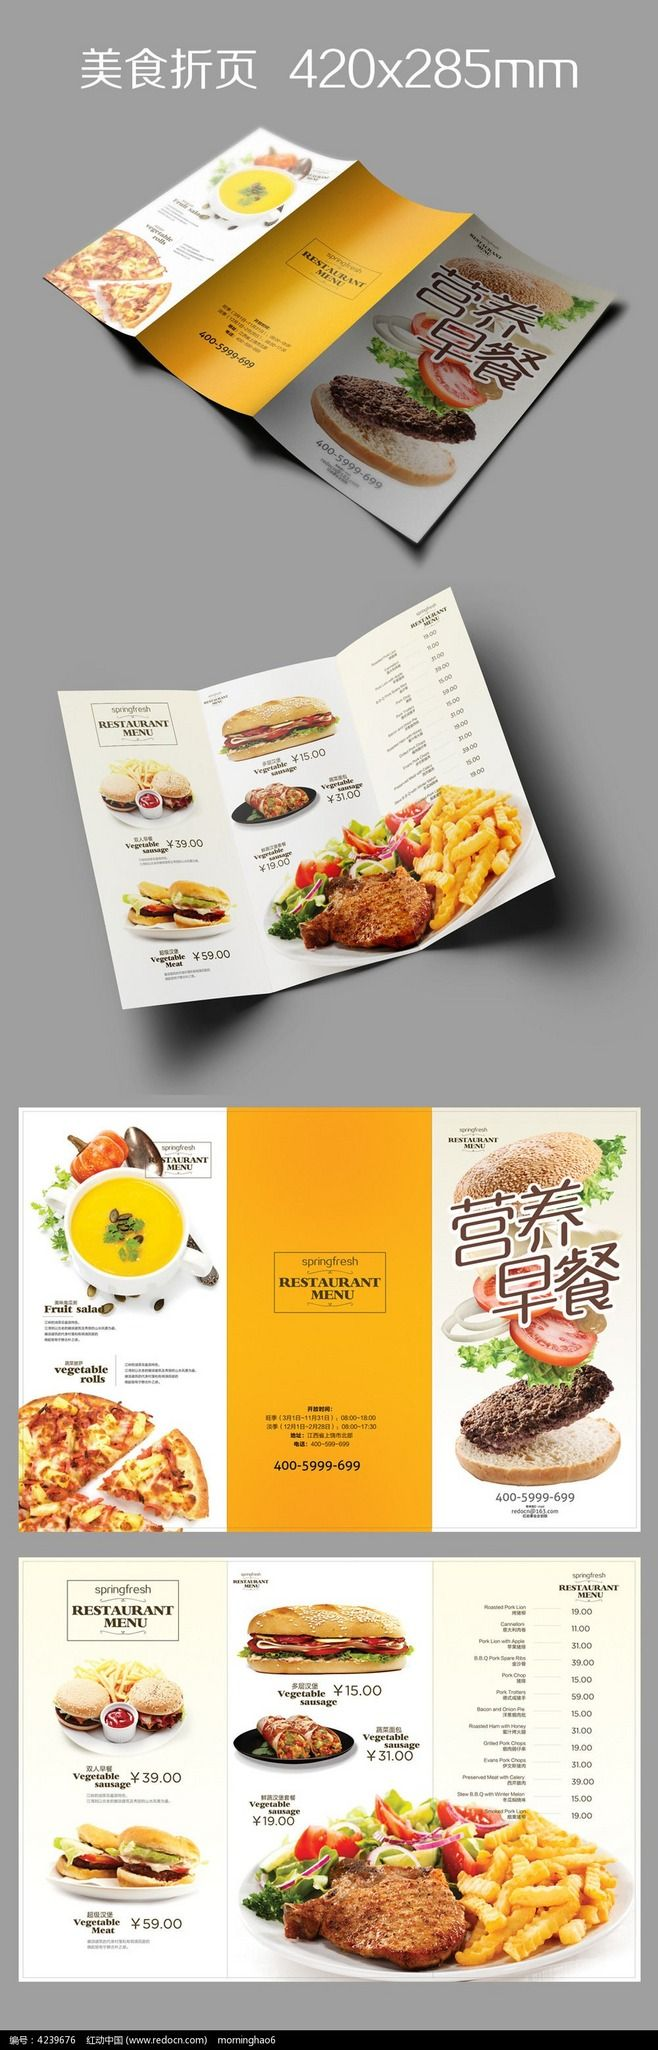 营养早餐美食折页设计图片